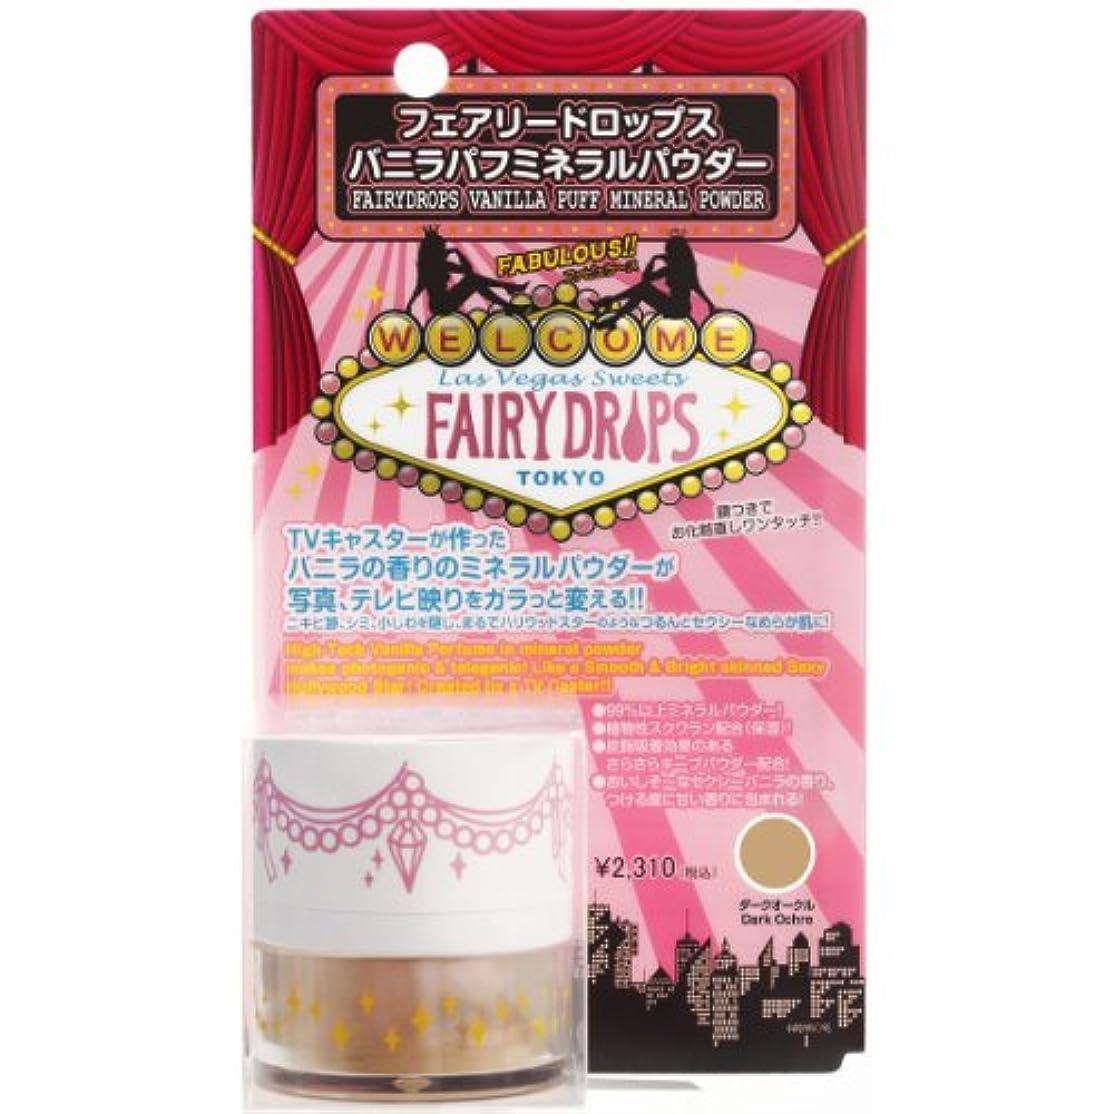 イースター小麦粉悪のフェアリードロップス バニラパフ ミネラルパウダー ダークオークル